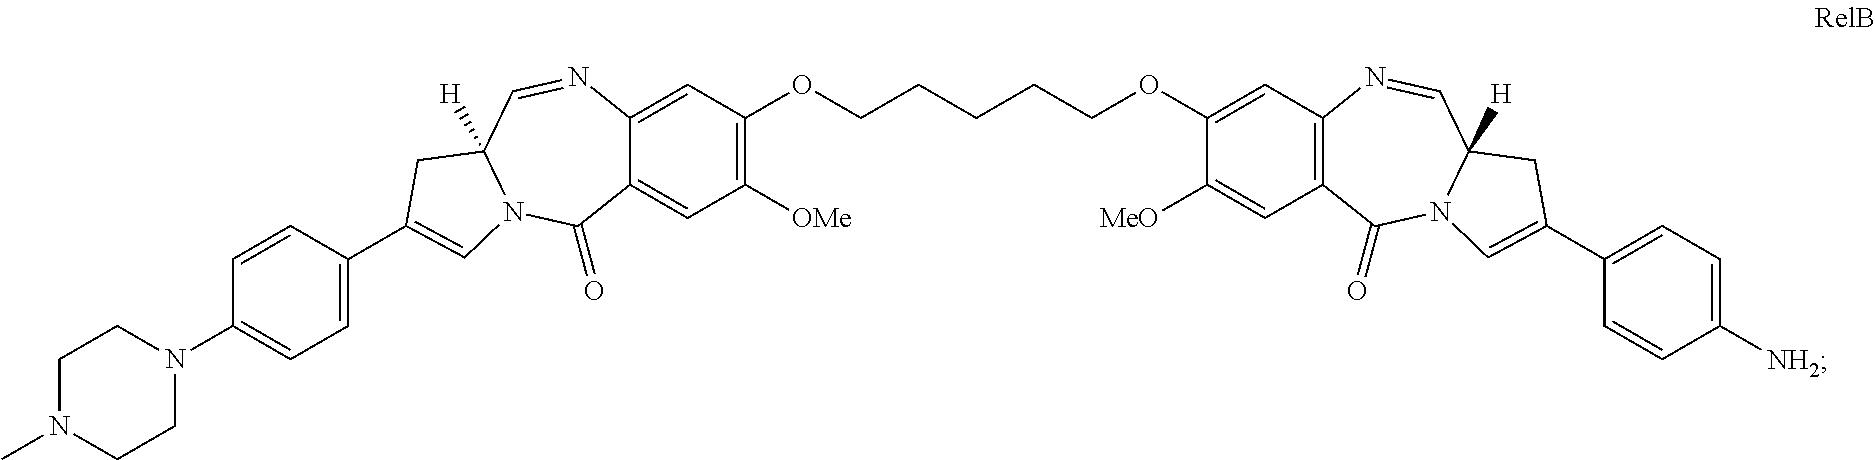 Figure US09956299-20180501-C00010